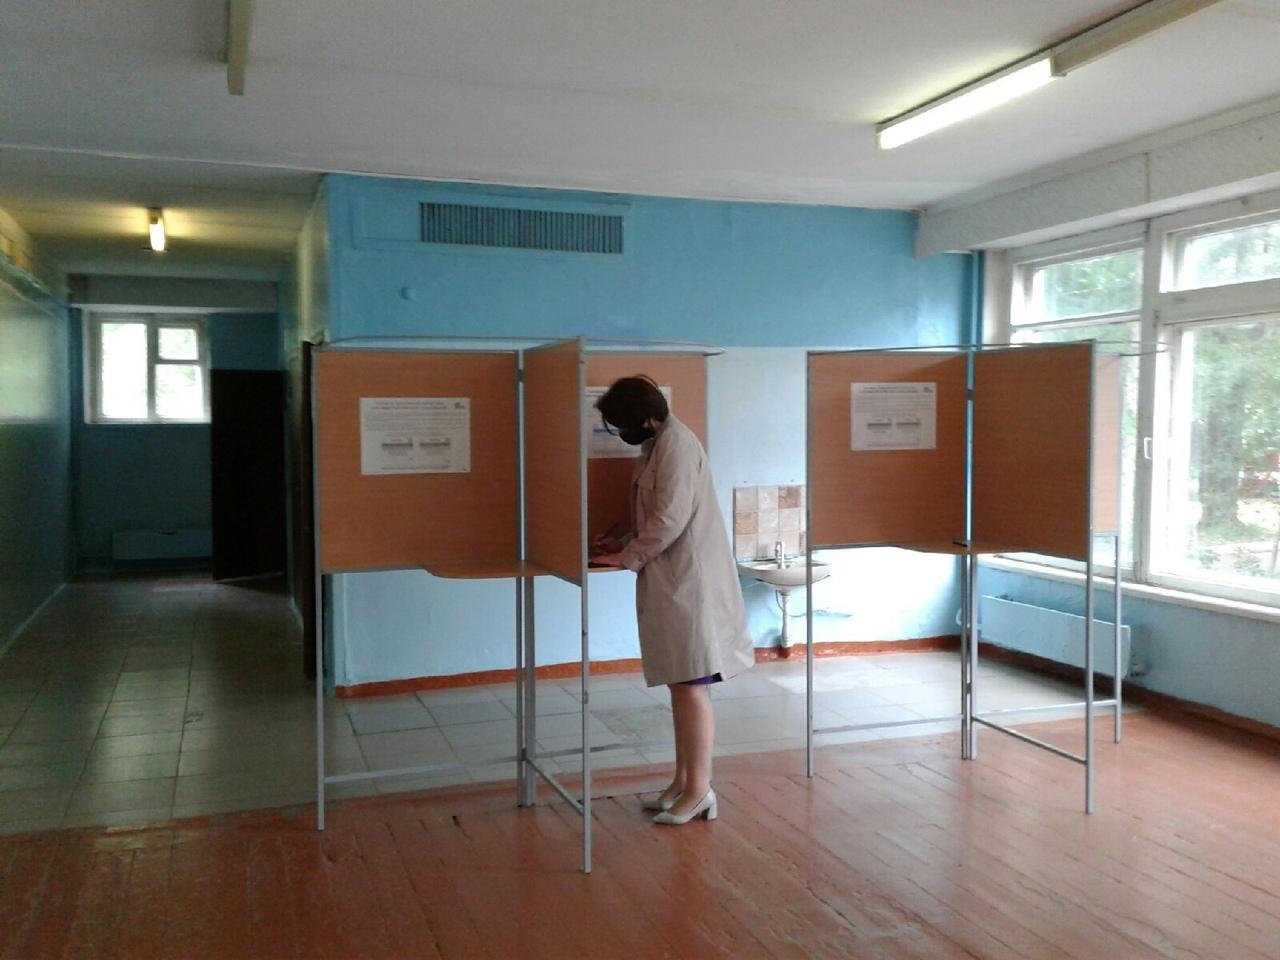 В Омской области не хватило денег на голосование по поправкам в Конституцию #Новости #Общество #Омск